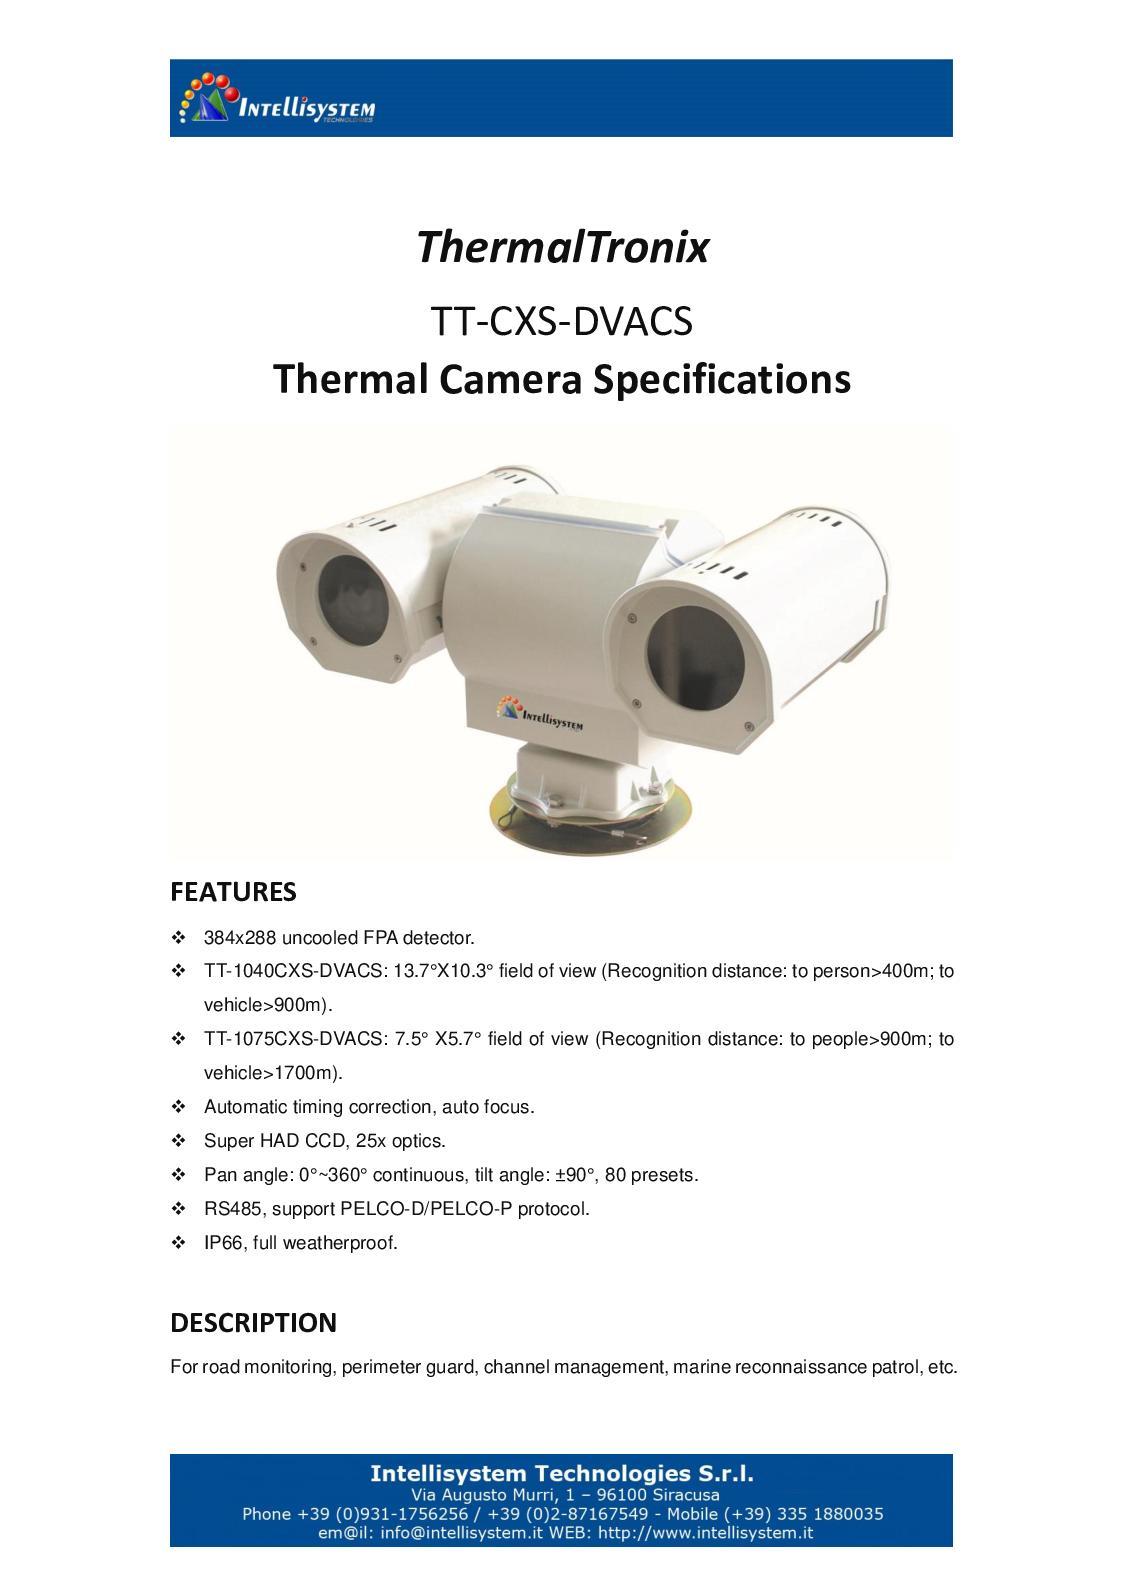 Calaméo - Thermal Tronix Tt Cxs Dvacs Datasheet - SECURITY